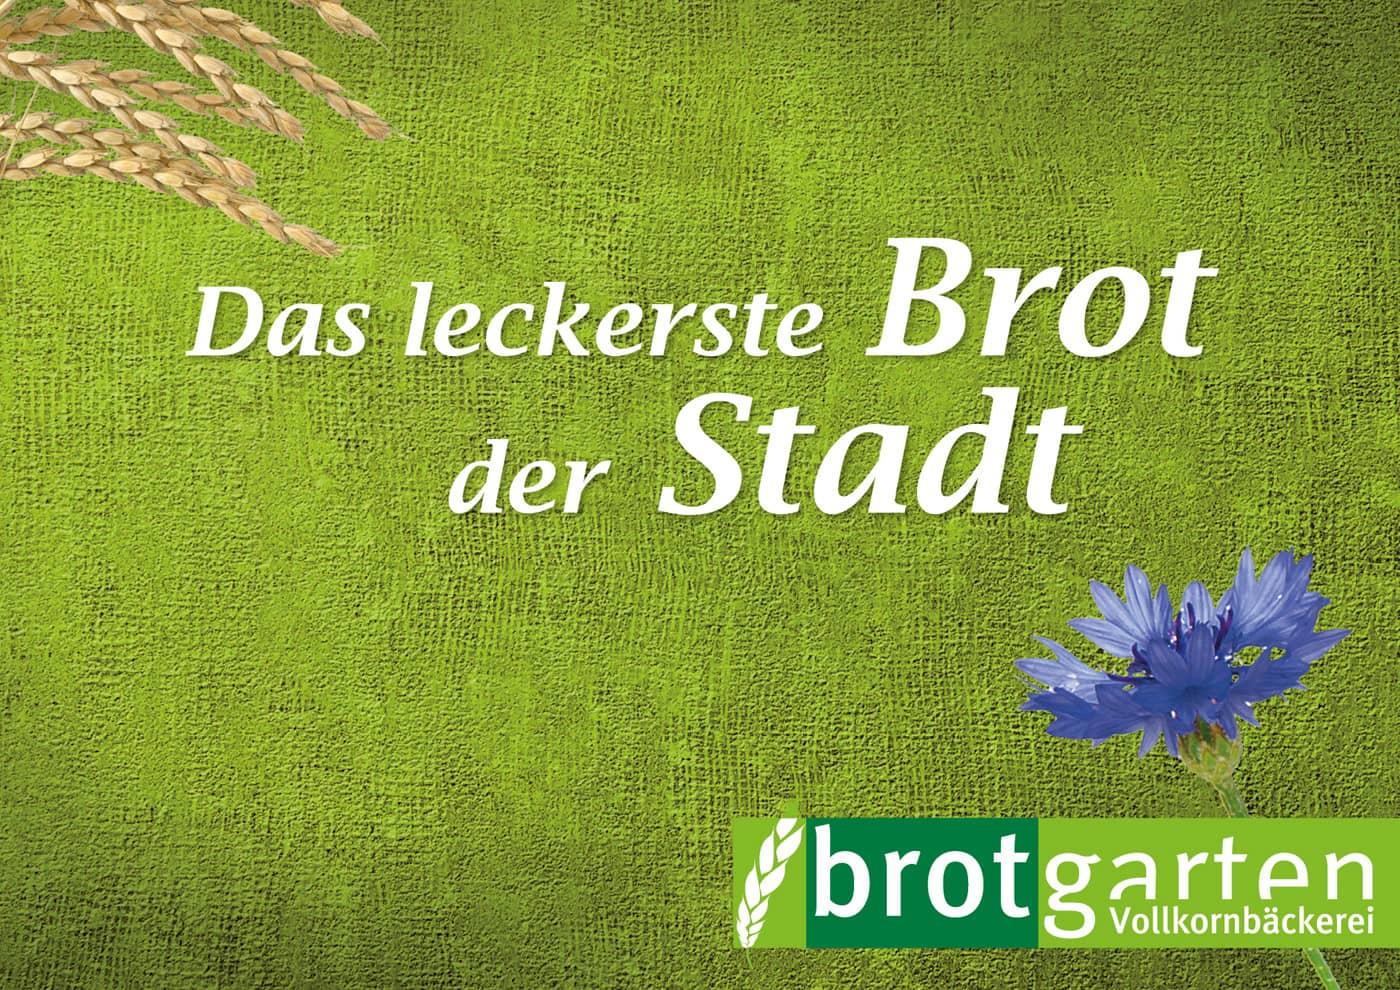 Relaunch CD und Markenführung für die Biobäckerei Brotgarten